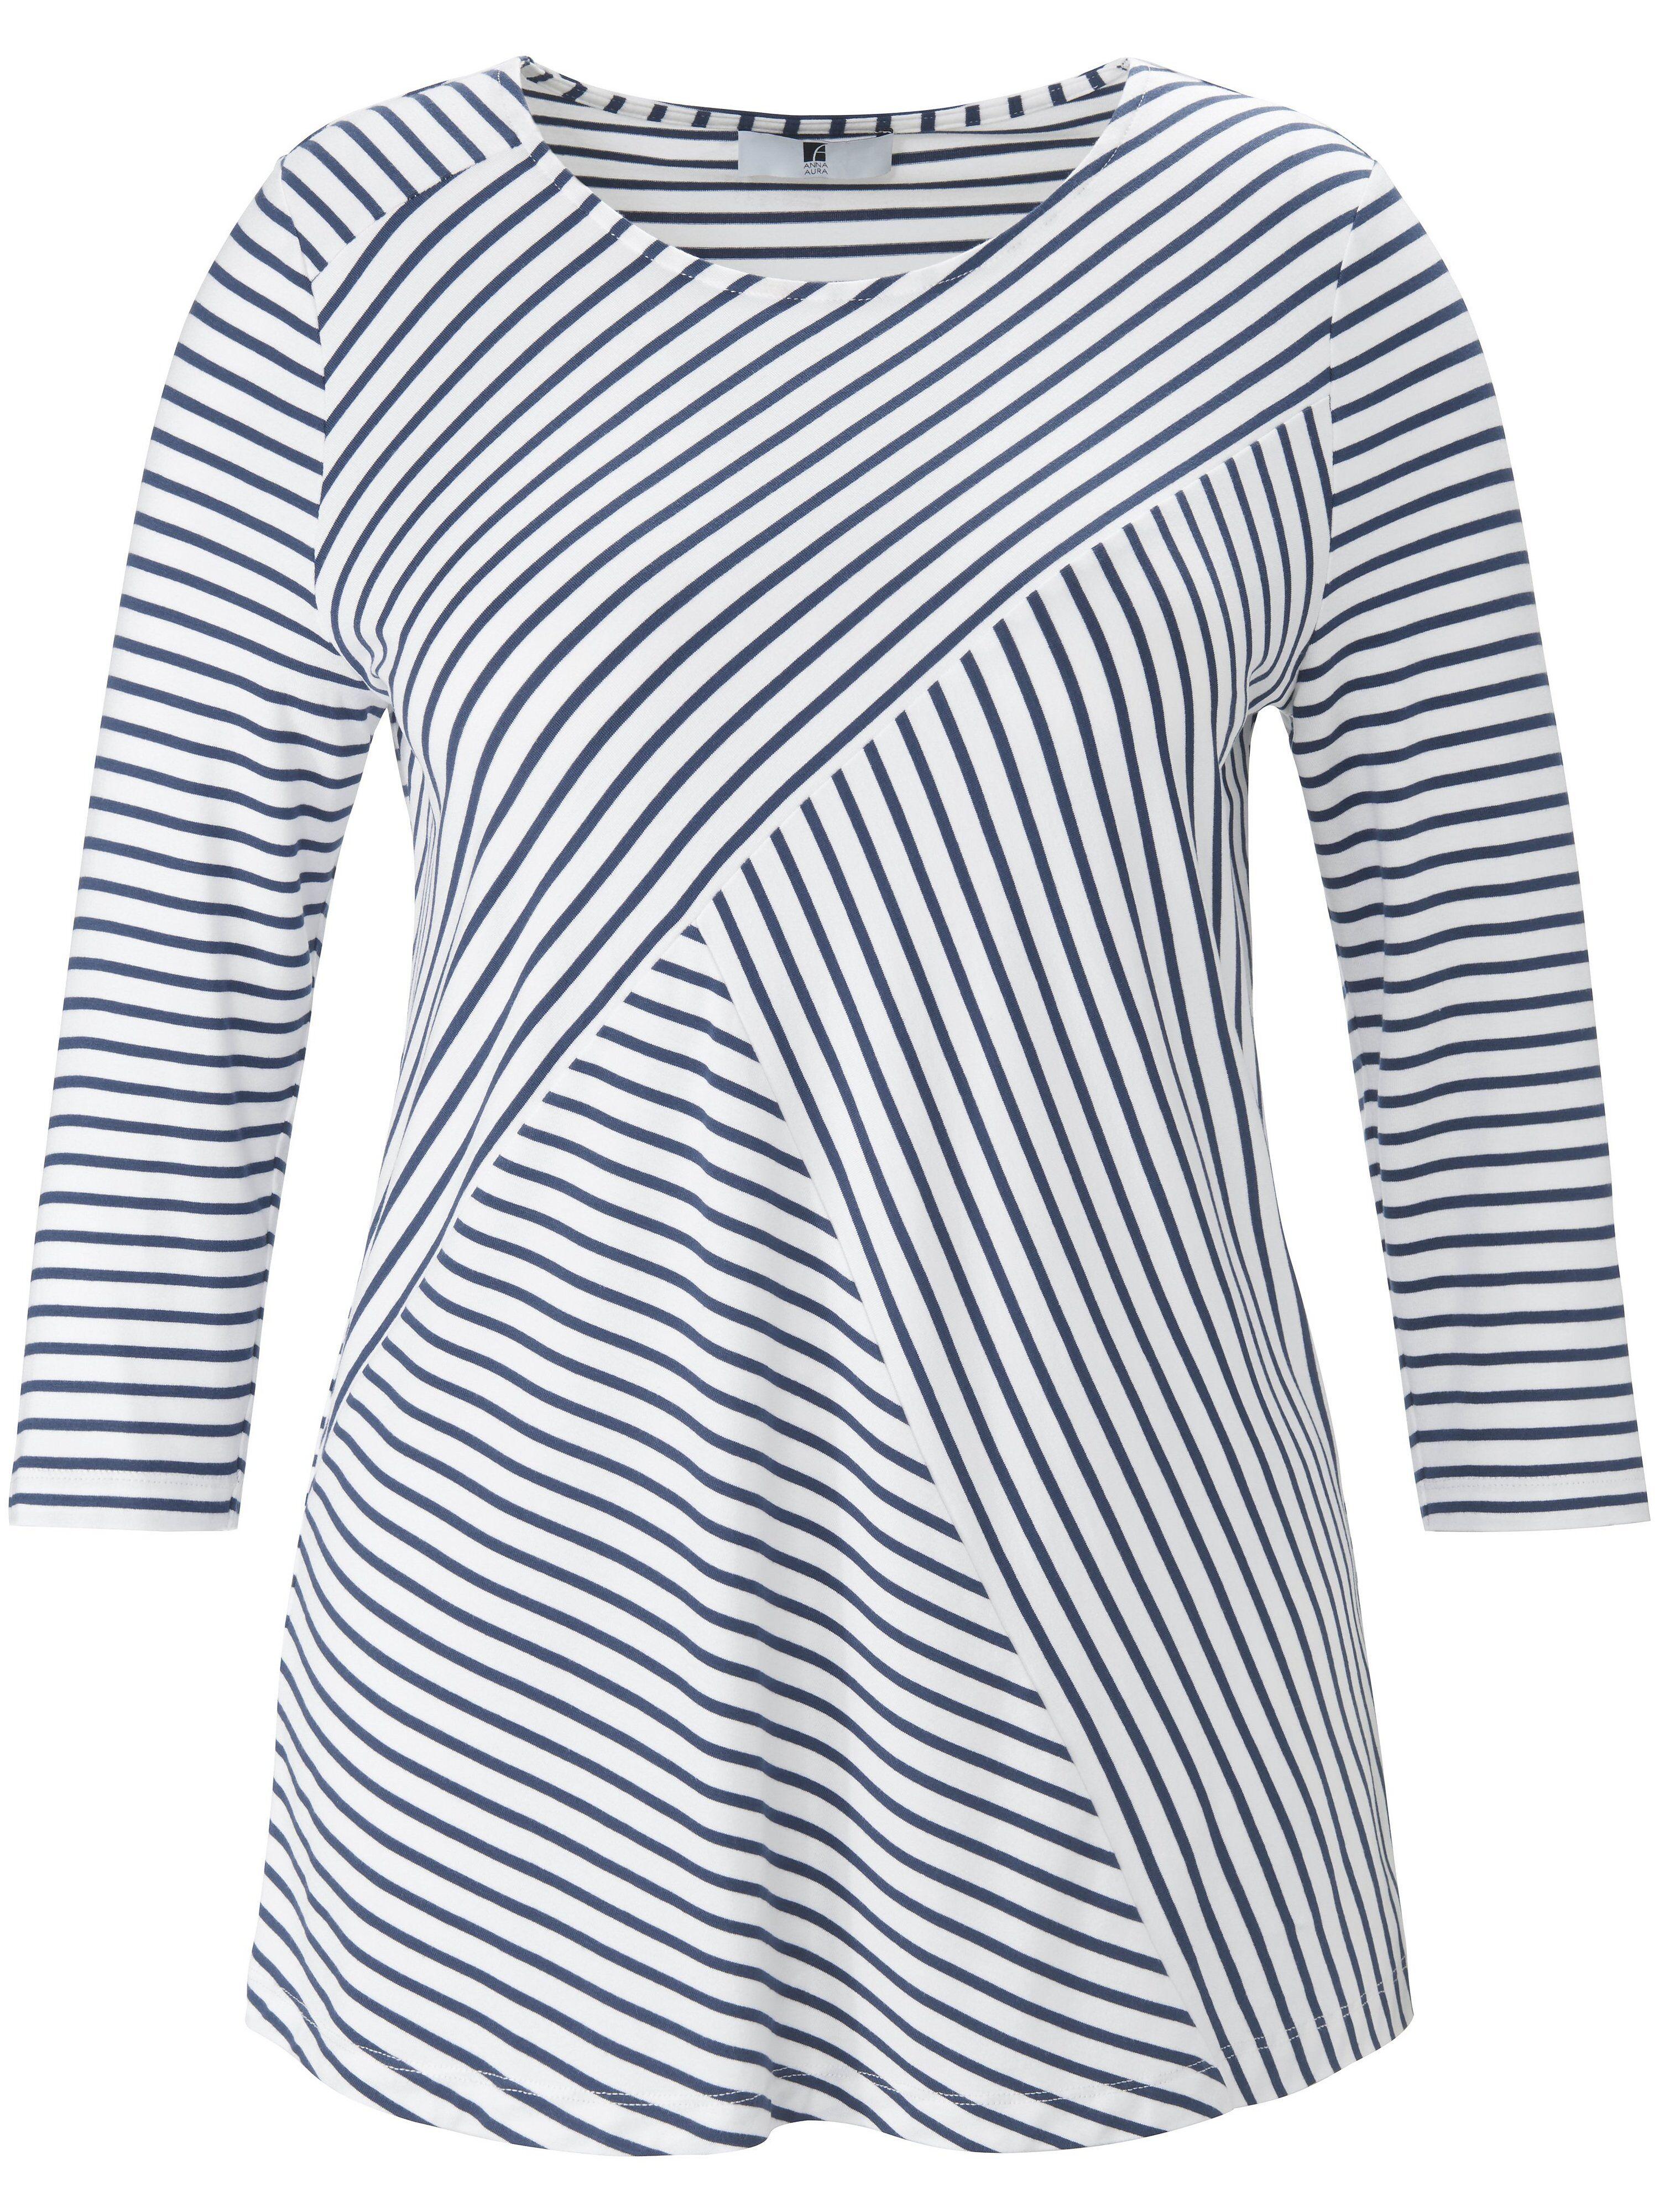 Anna Aura Le T-shirt manches 3/4  Anna Aura blanc  - Femme - 42